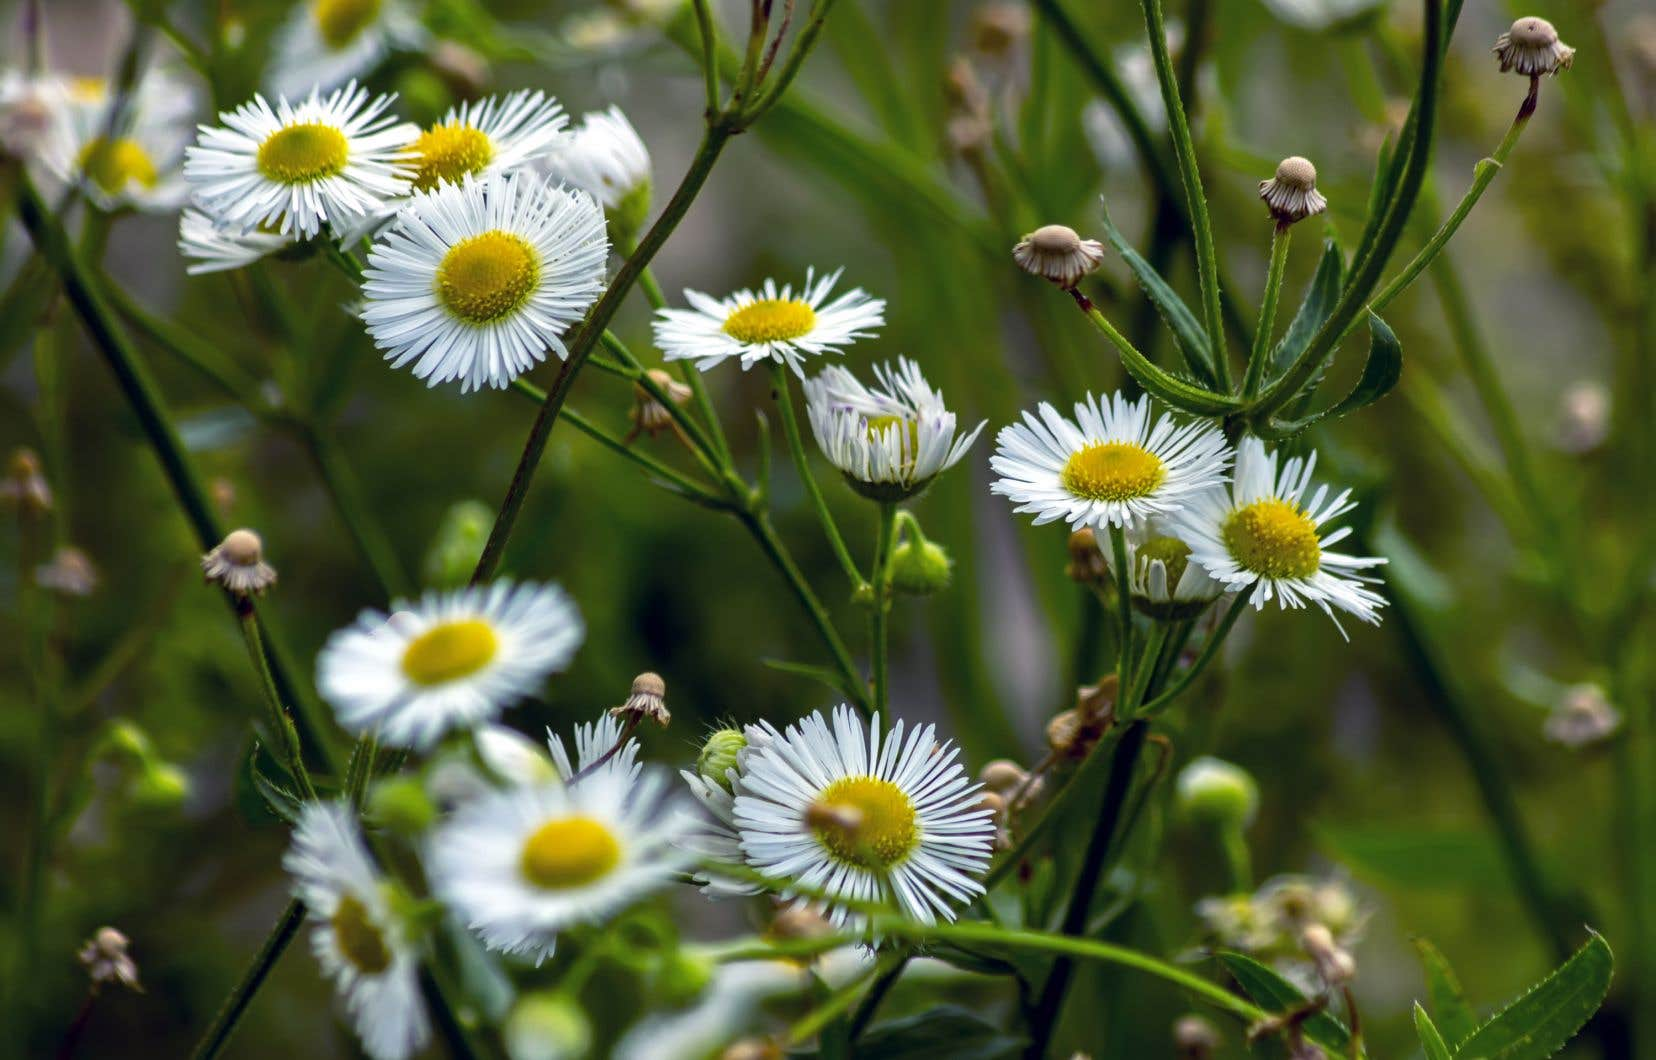 La camomille romaine, qui a des vertus calmantes, est sans doute la plante la plus consommée en tisane.